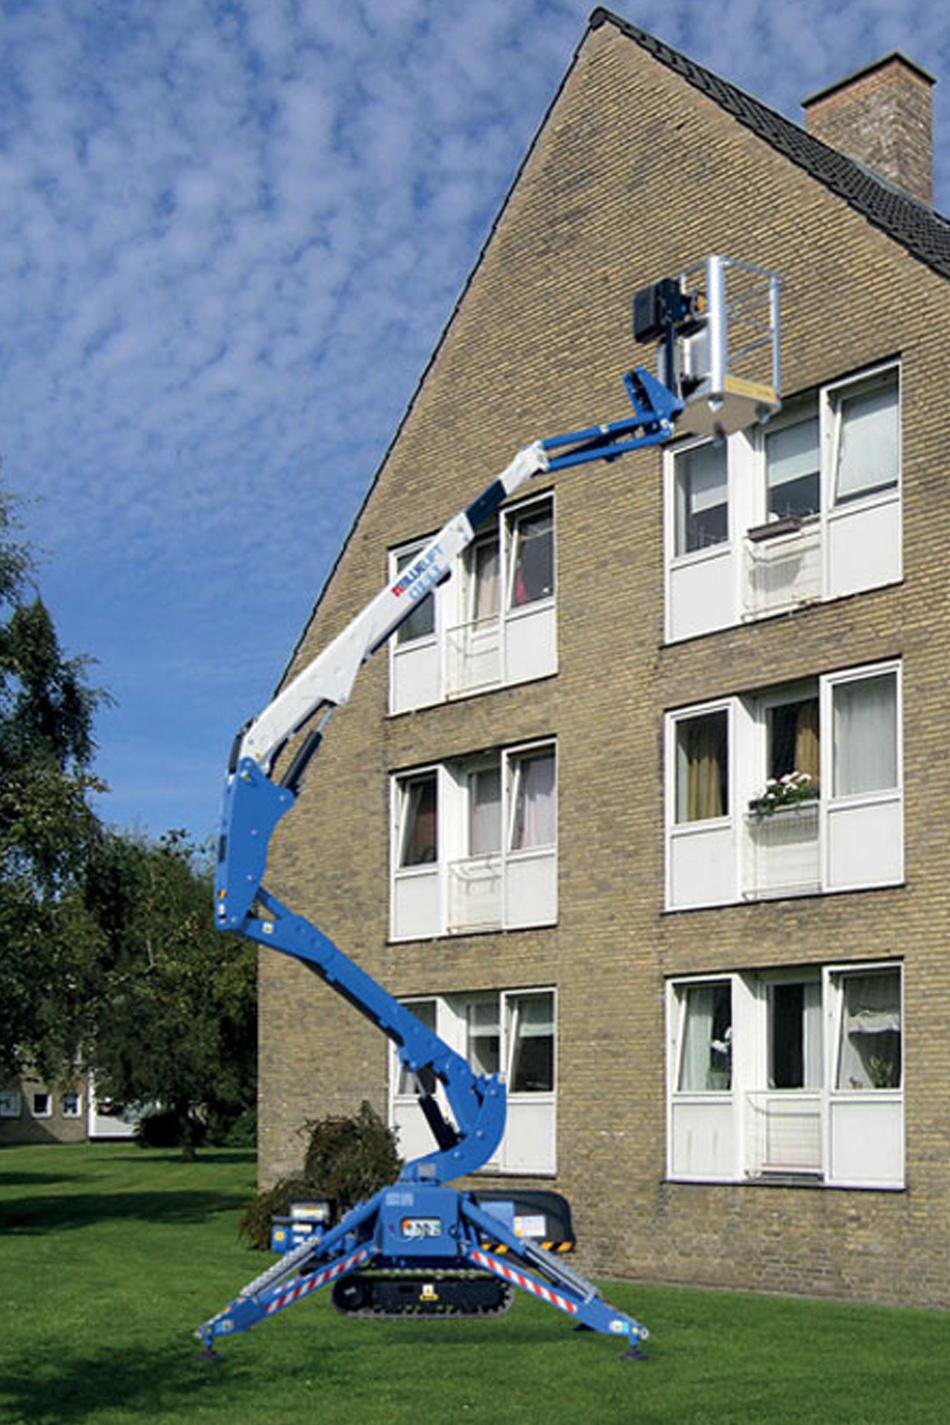 12米橡胶履带蜘蛛式升降机